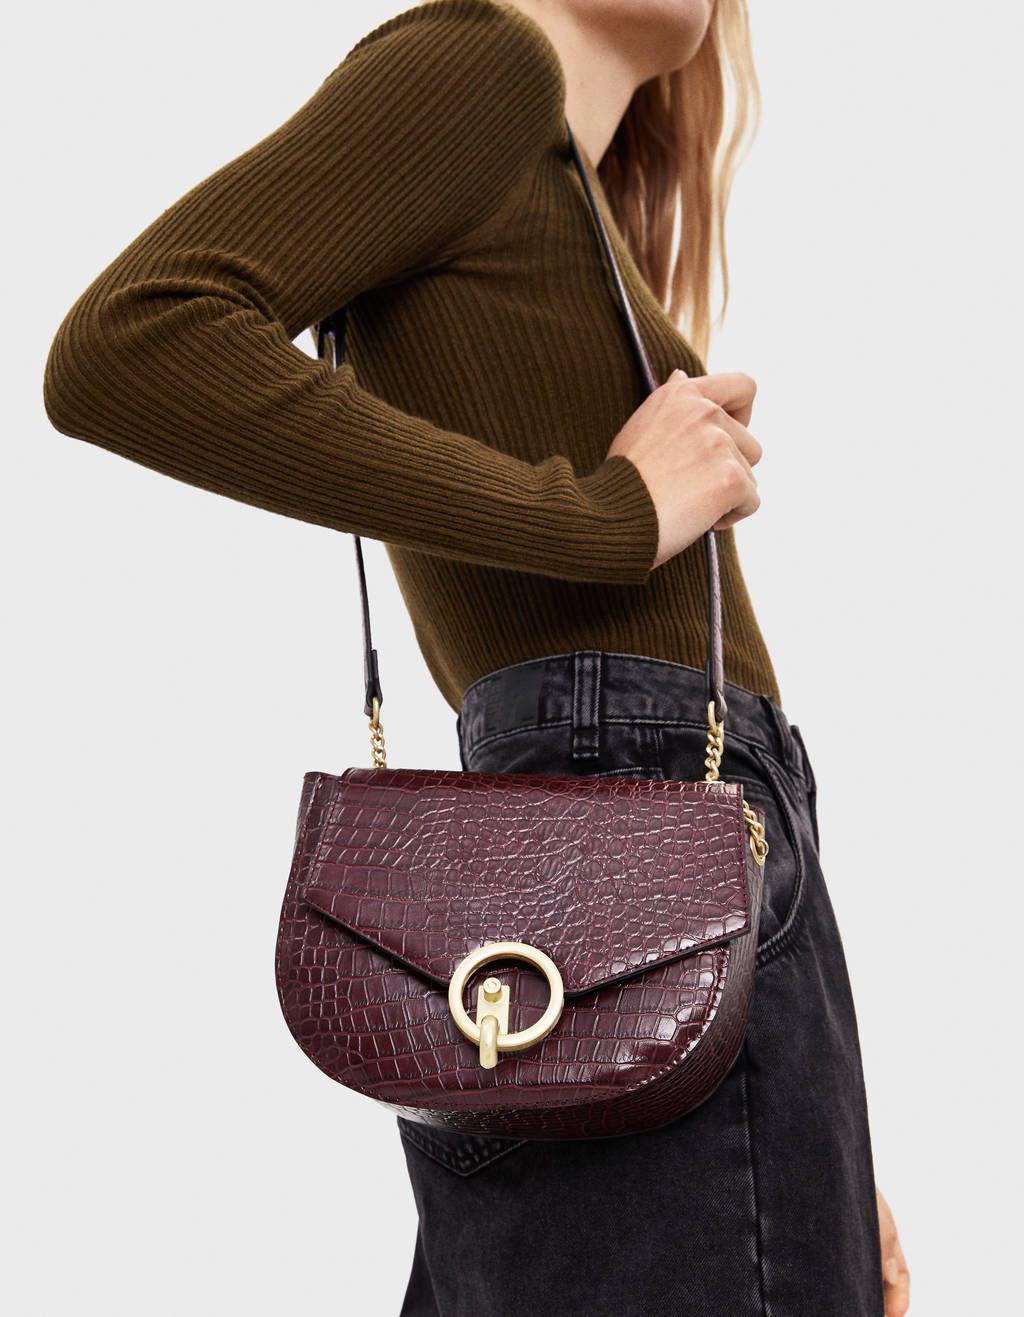 Timsah derisi görünümlü çanta